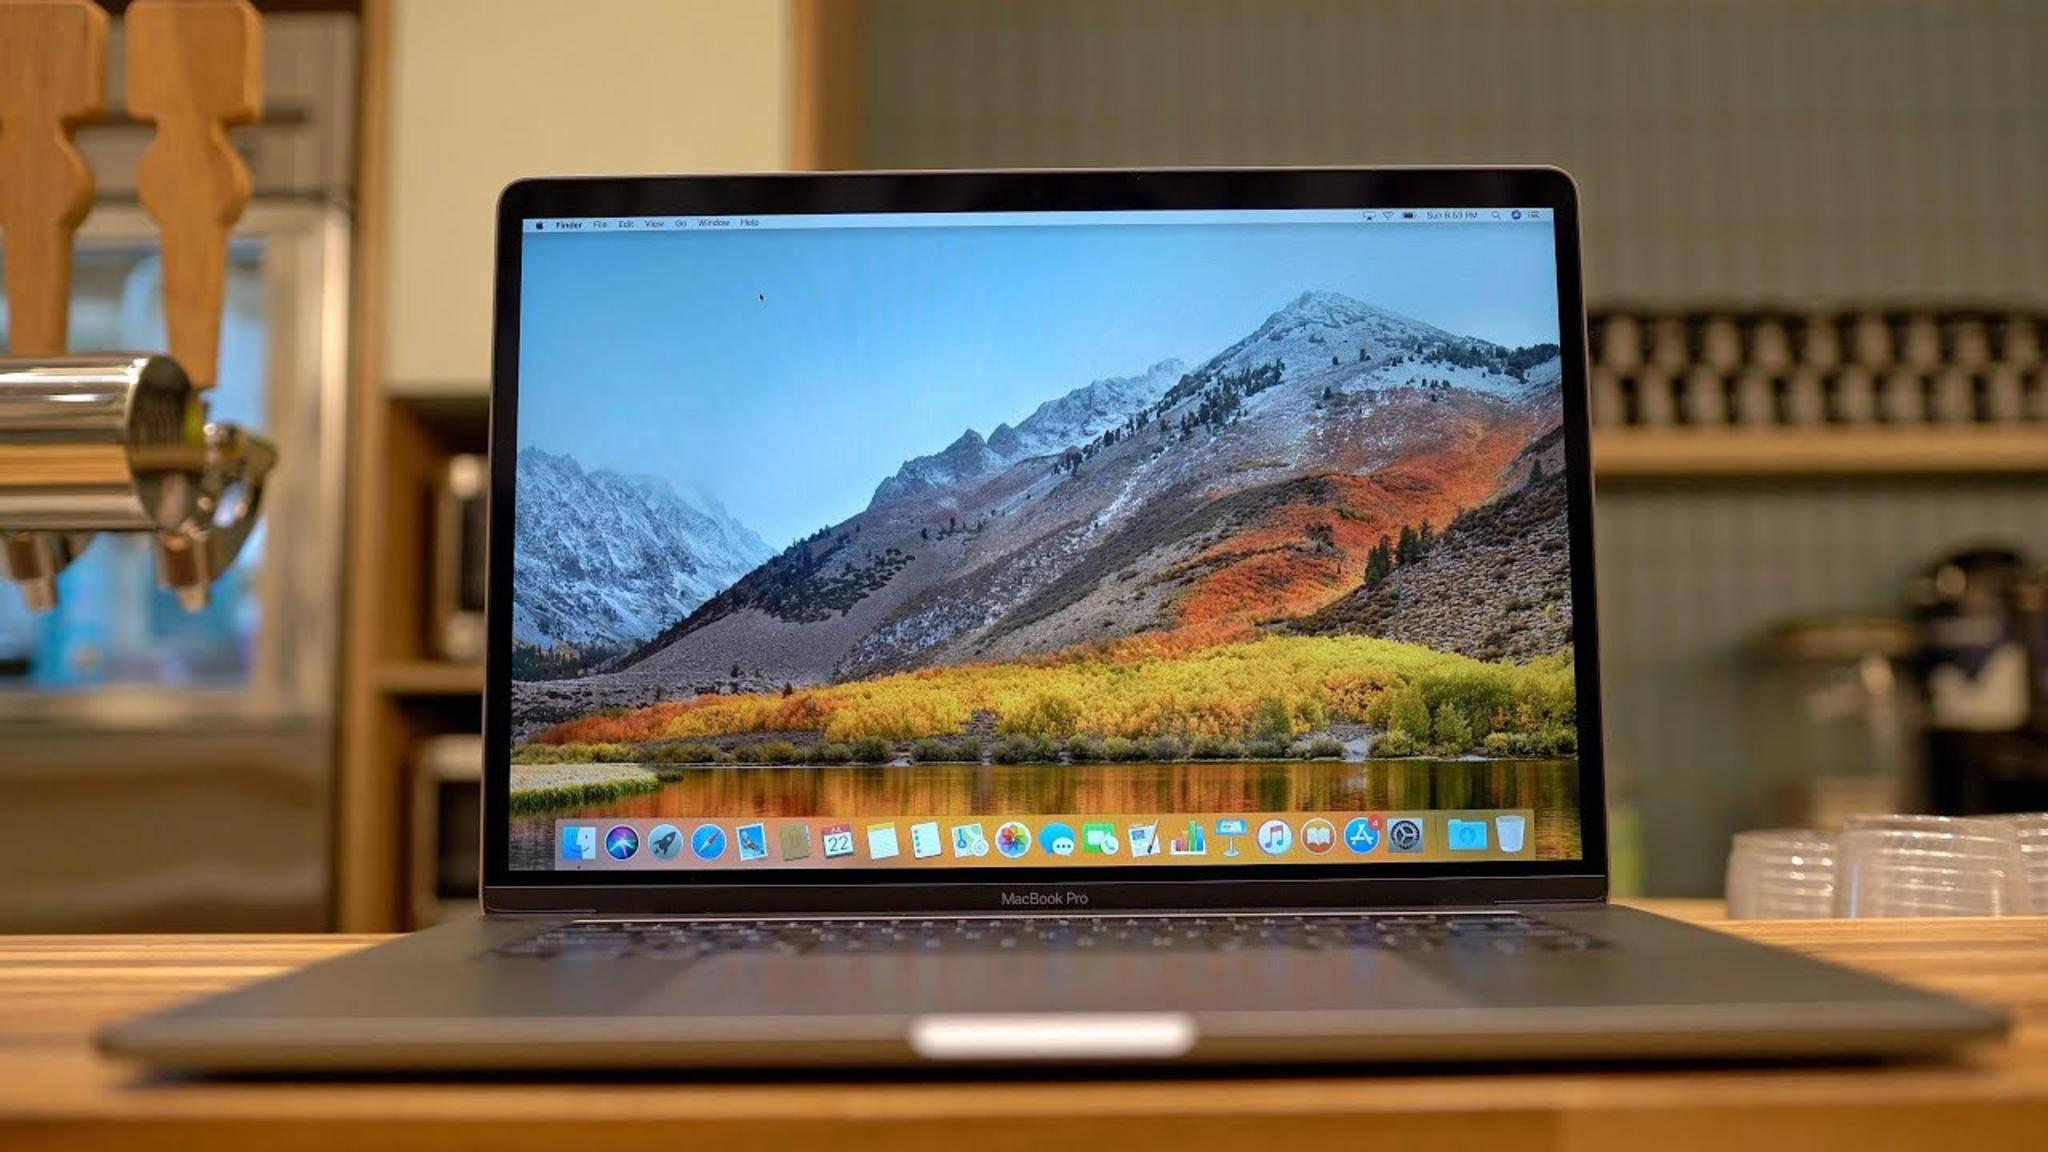 Dein MacBook lädt nicht? Das bedeutet nicht zwangsläufig, dass das Netzteil defekt ist.